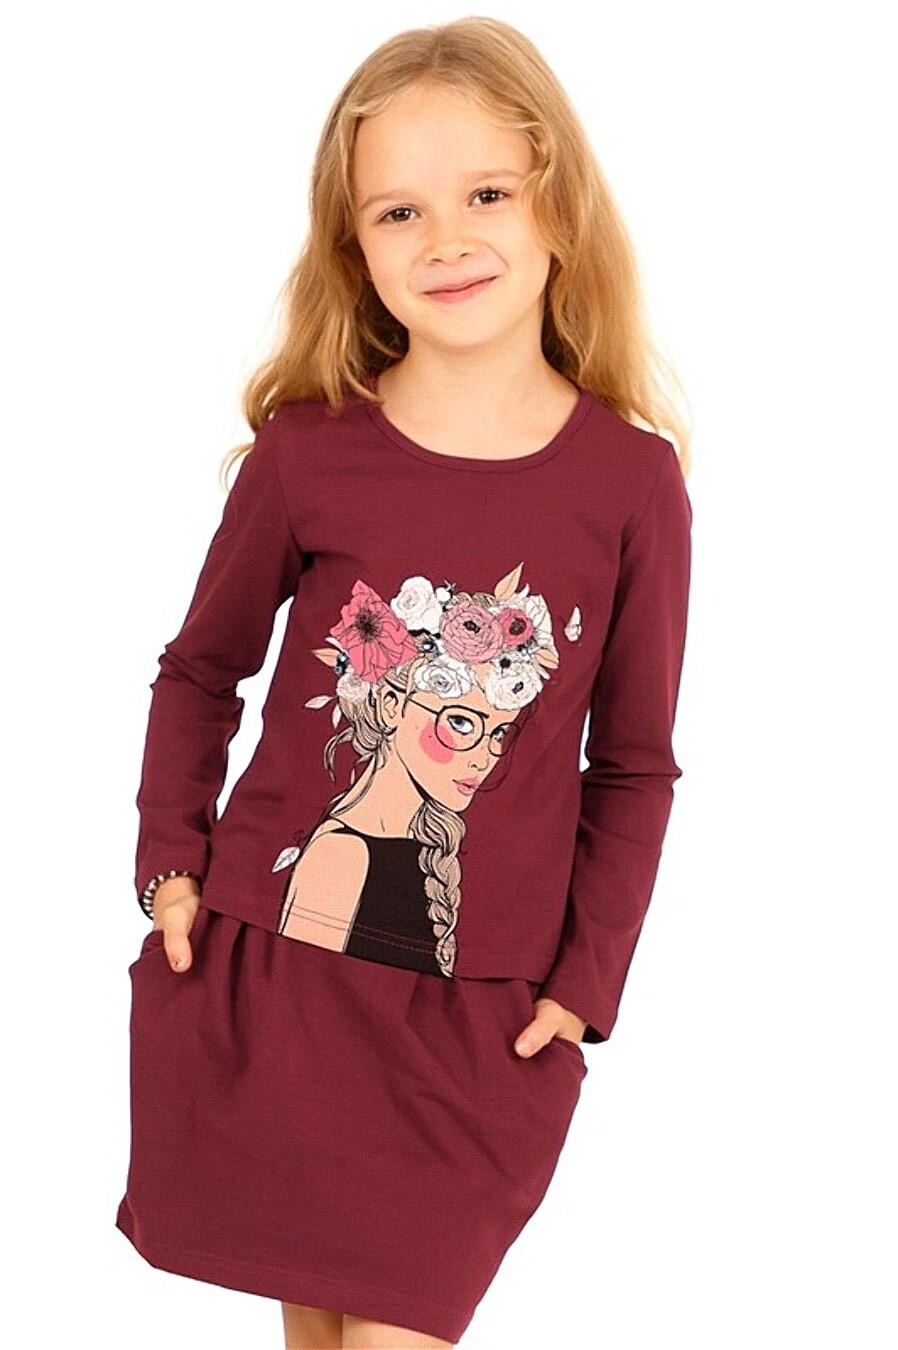 Джемпер для девочек Archi 158191 купить оптом от производителя. Совместная покупка детской одежды в OptMoyo